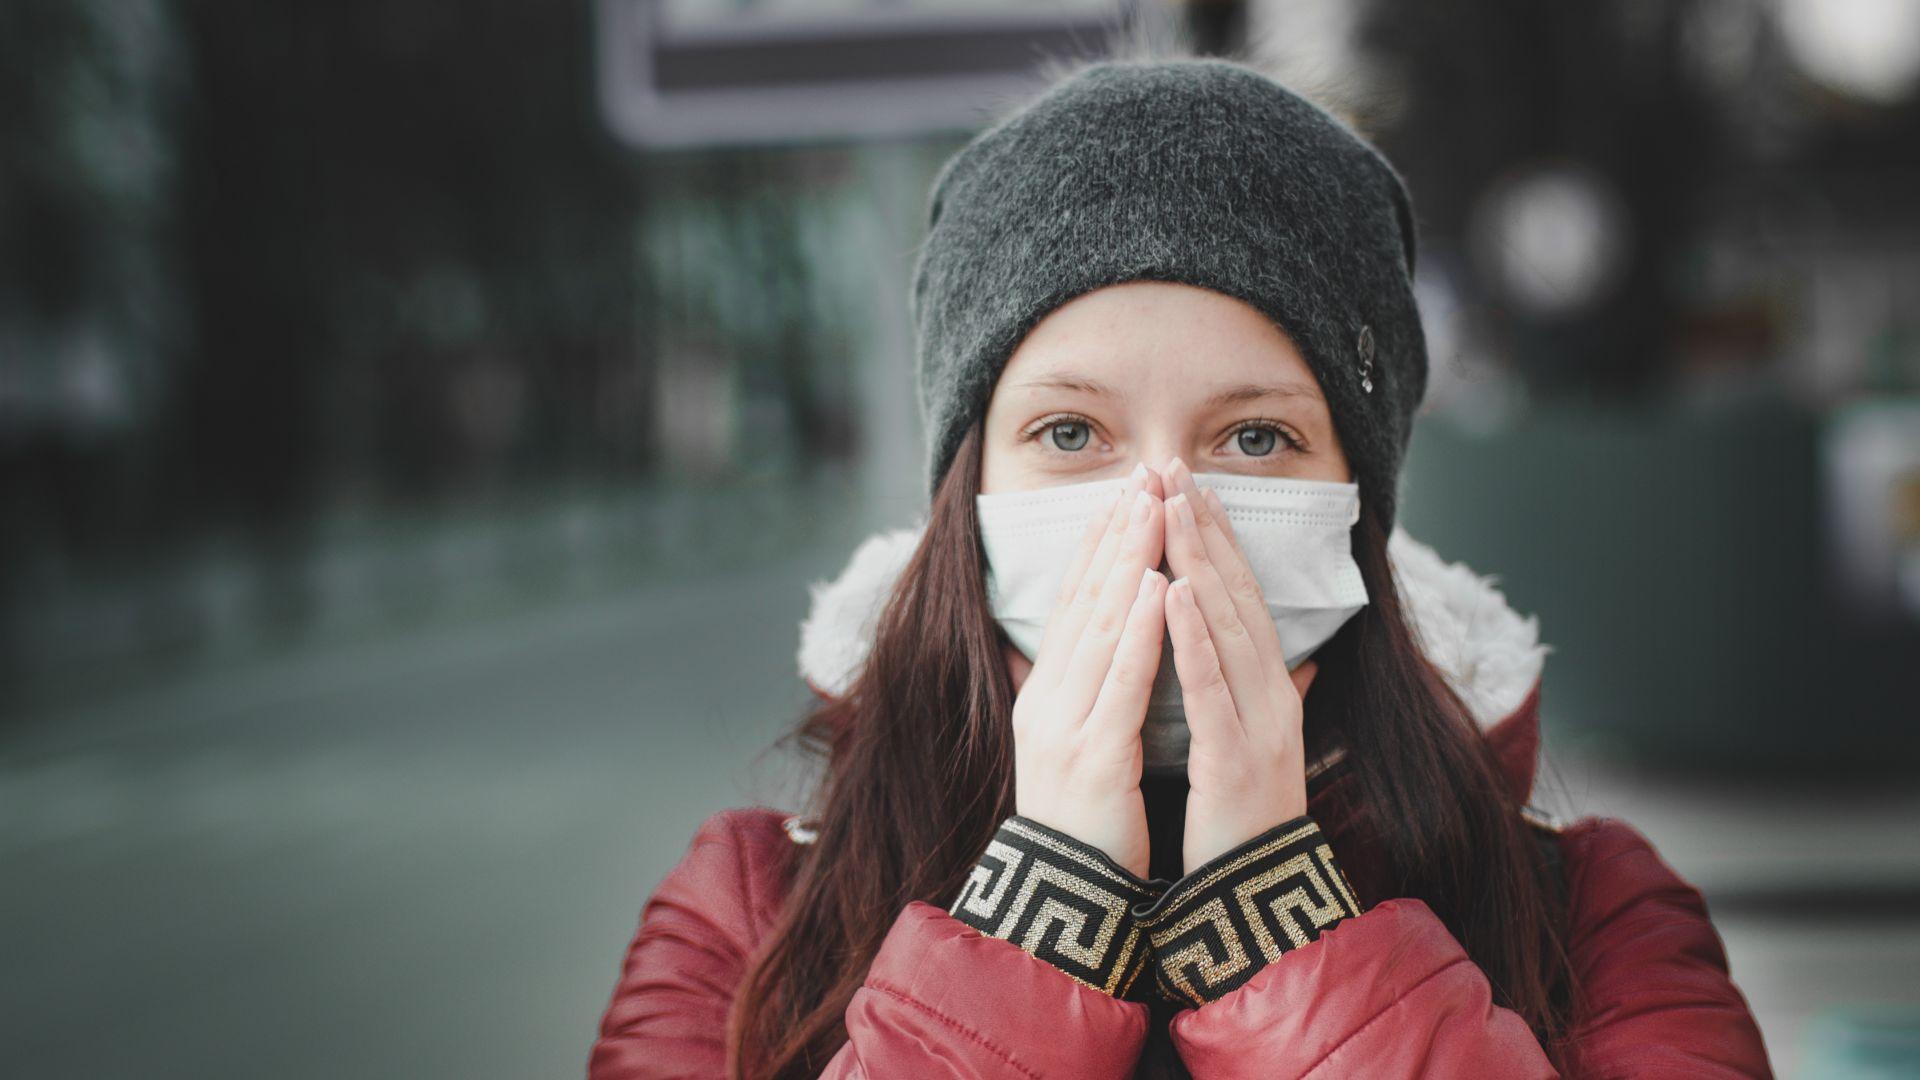 Без училище в дни с мръсен въздух. При рискови нива